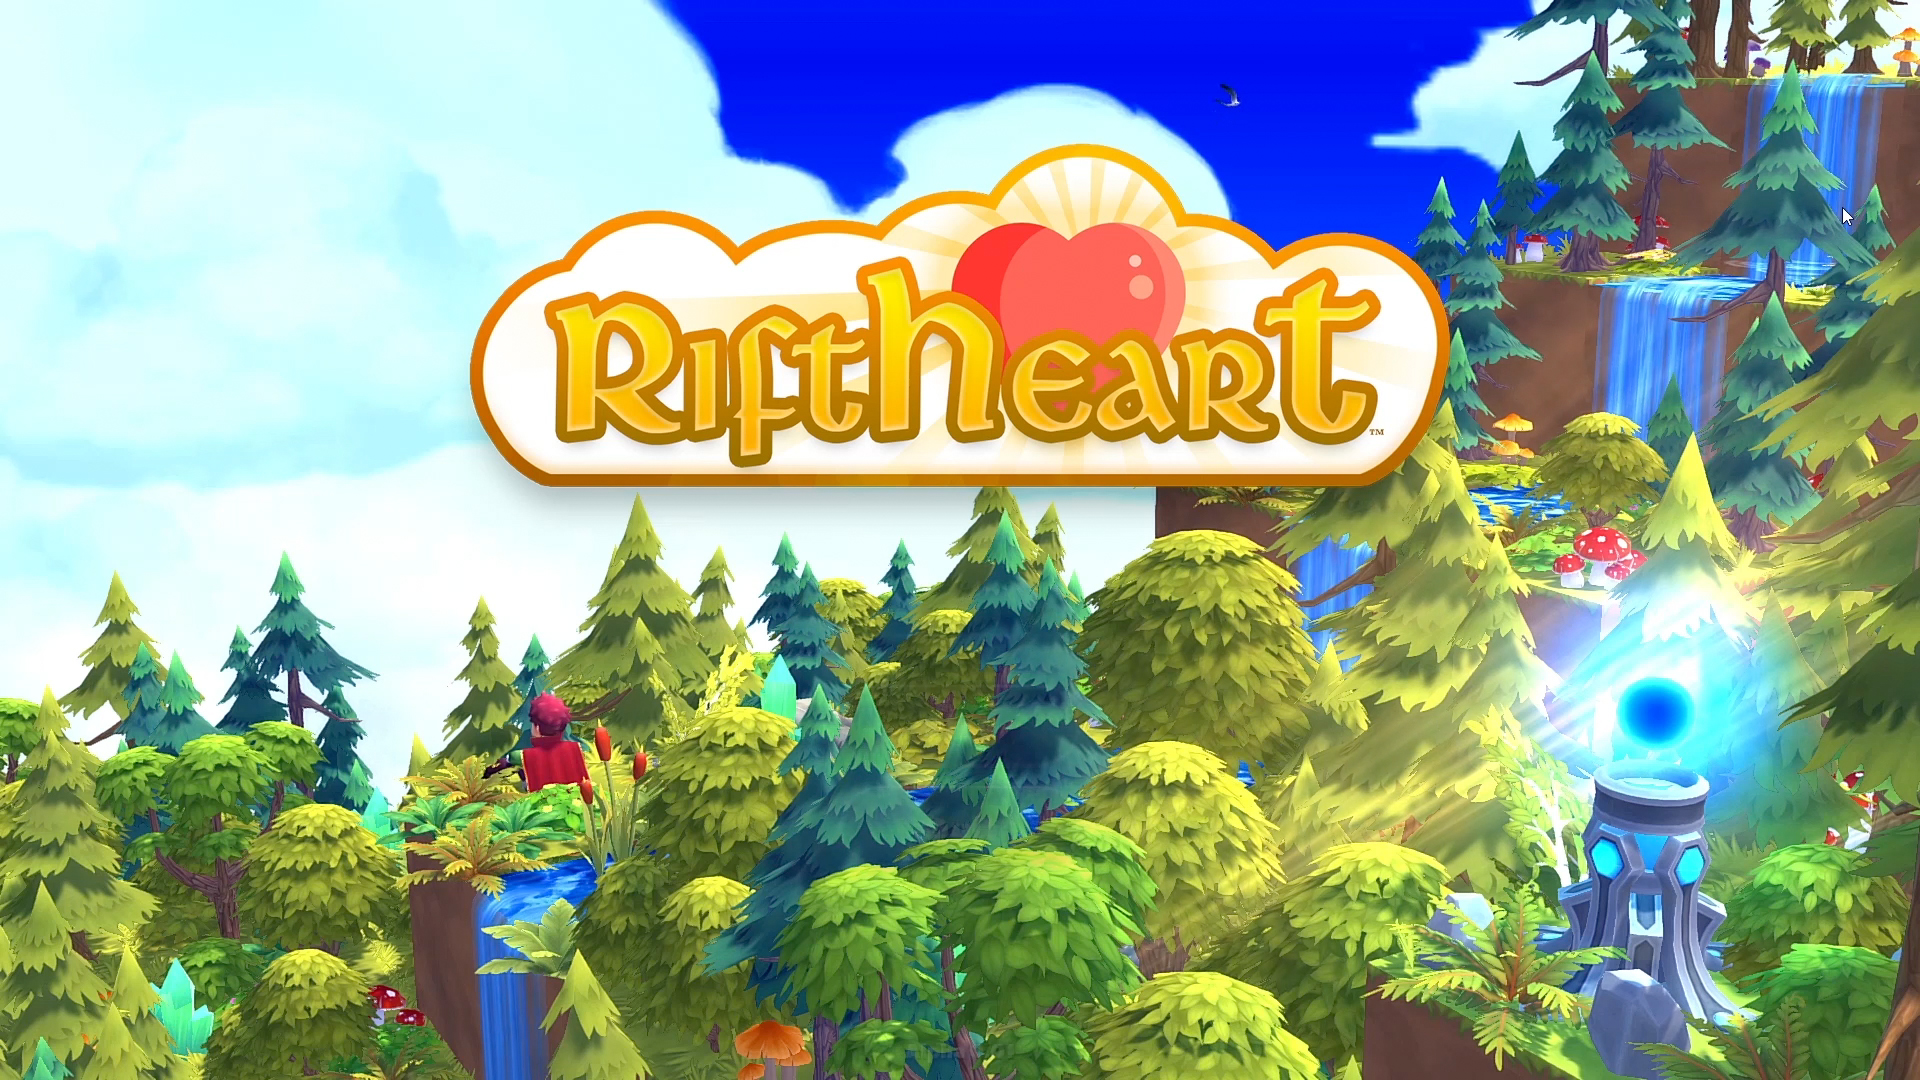 Riftheart